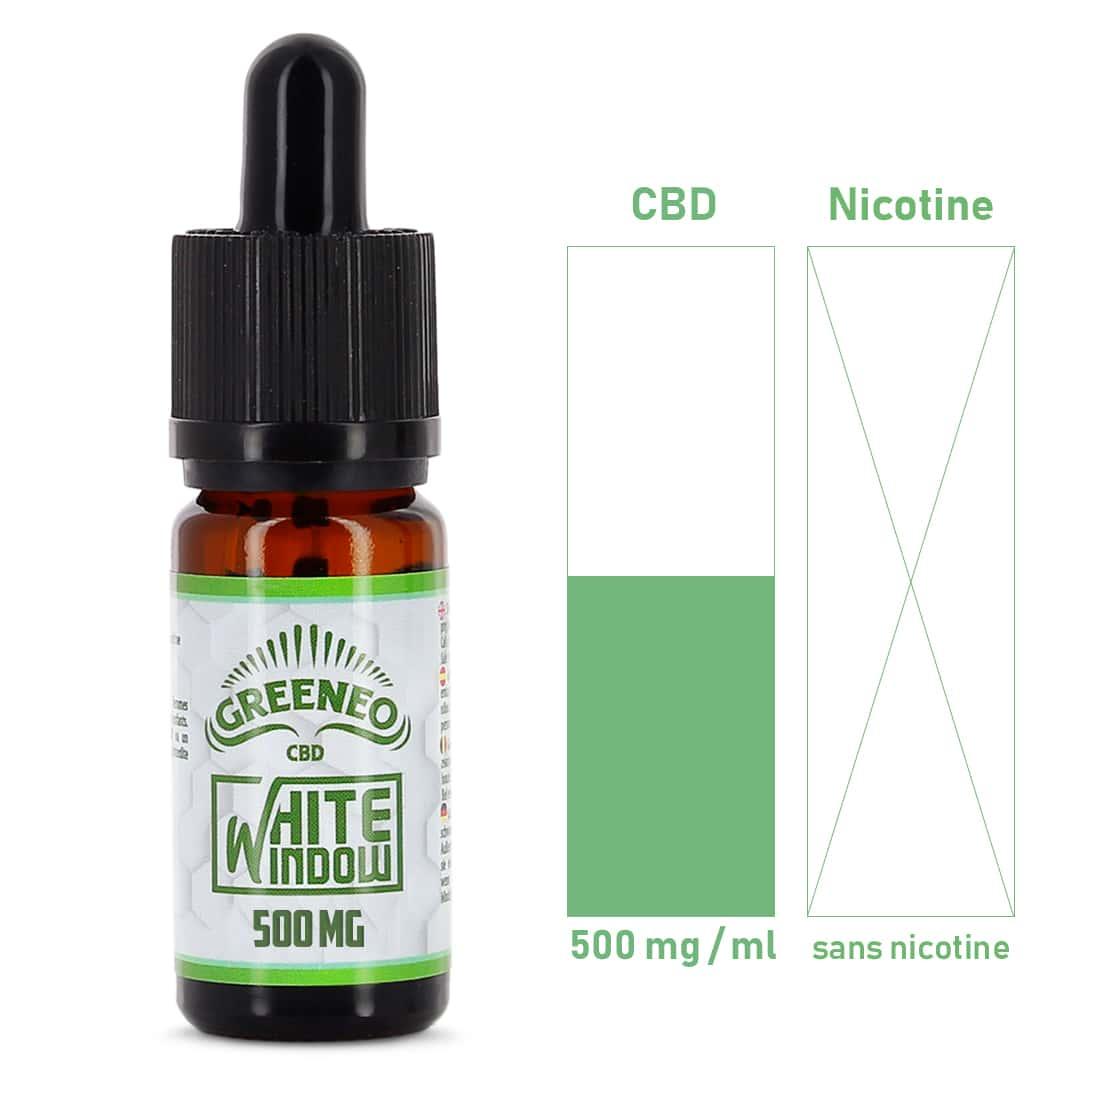 Photo #1 de CBD E liquide Greeneo White Window 500mg